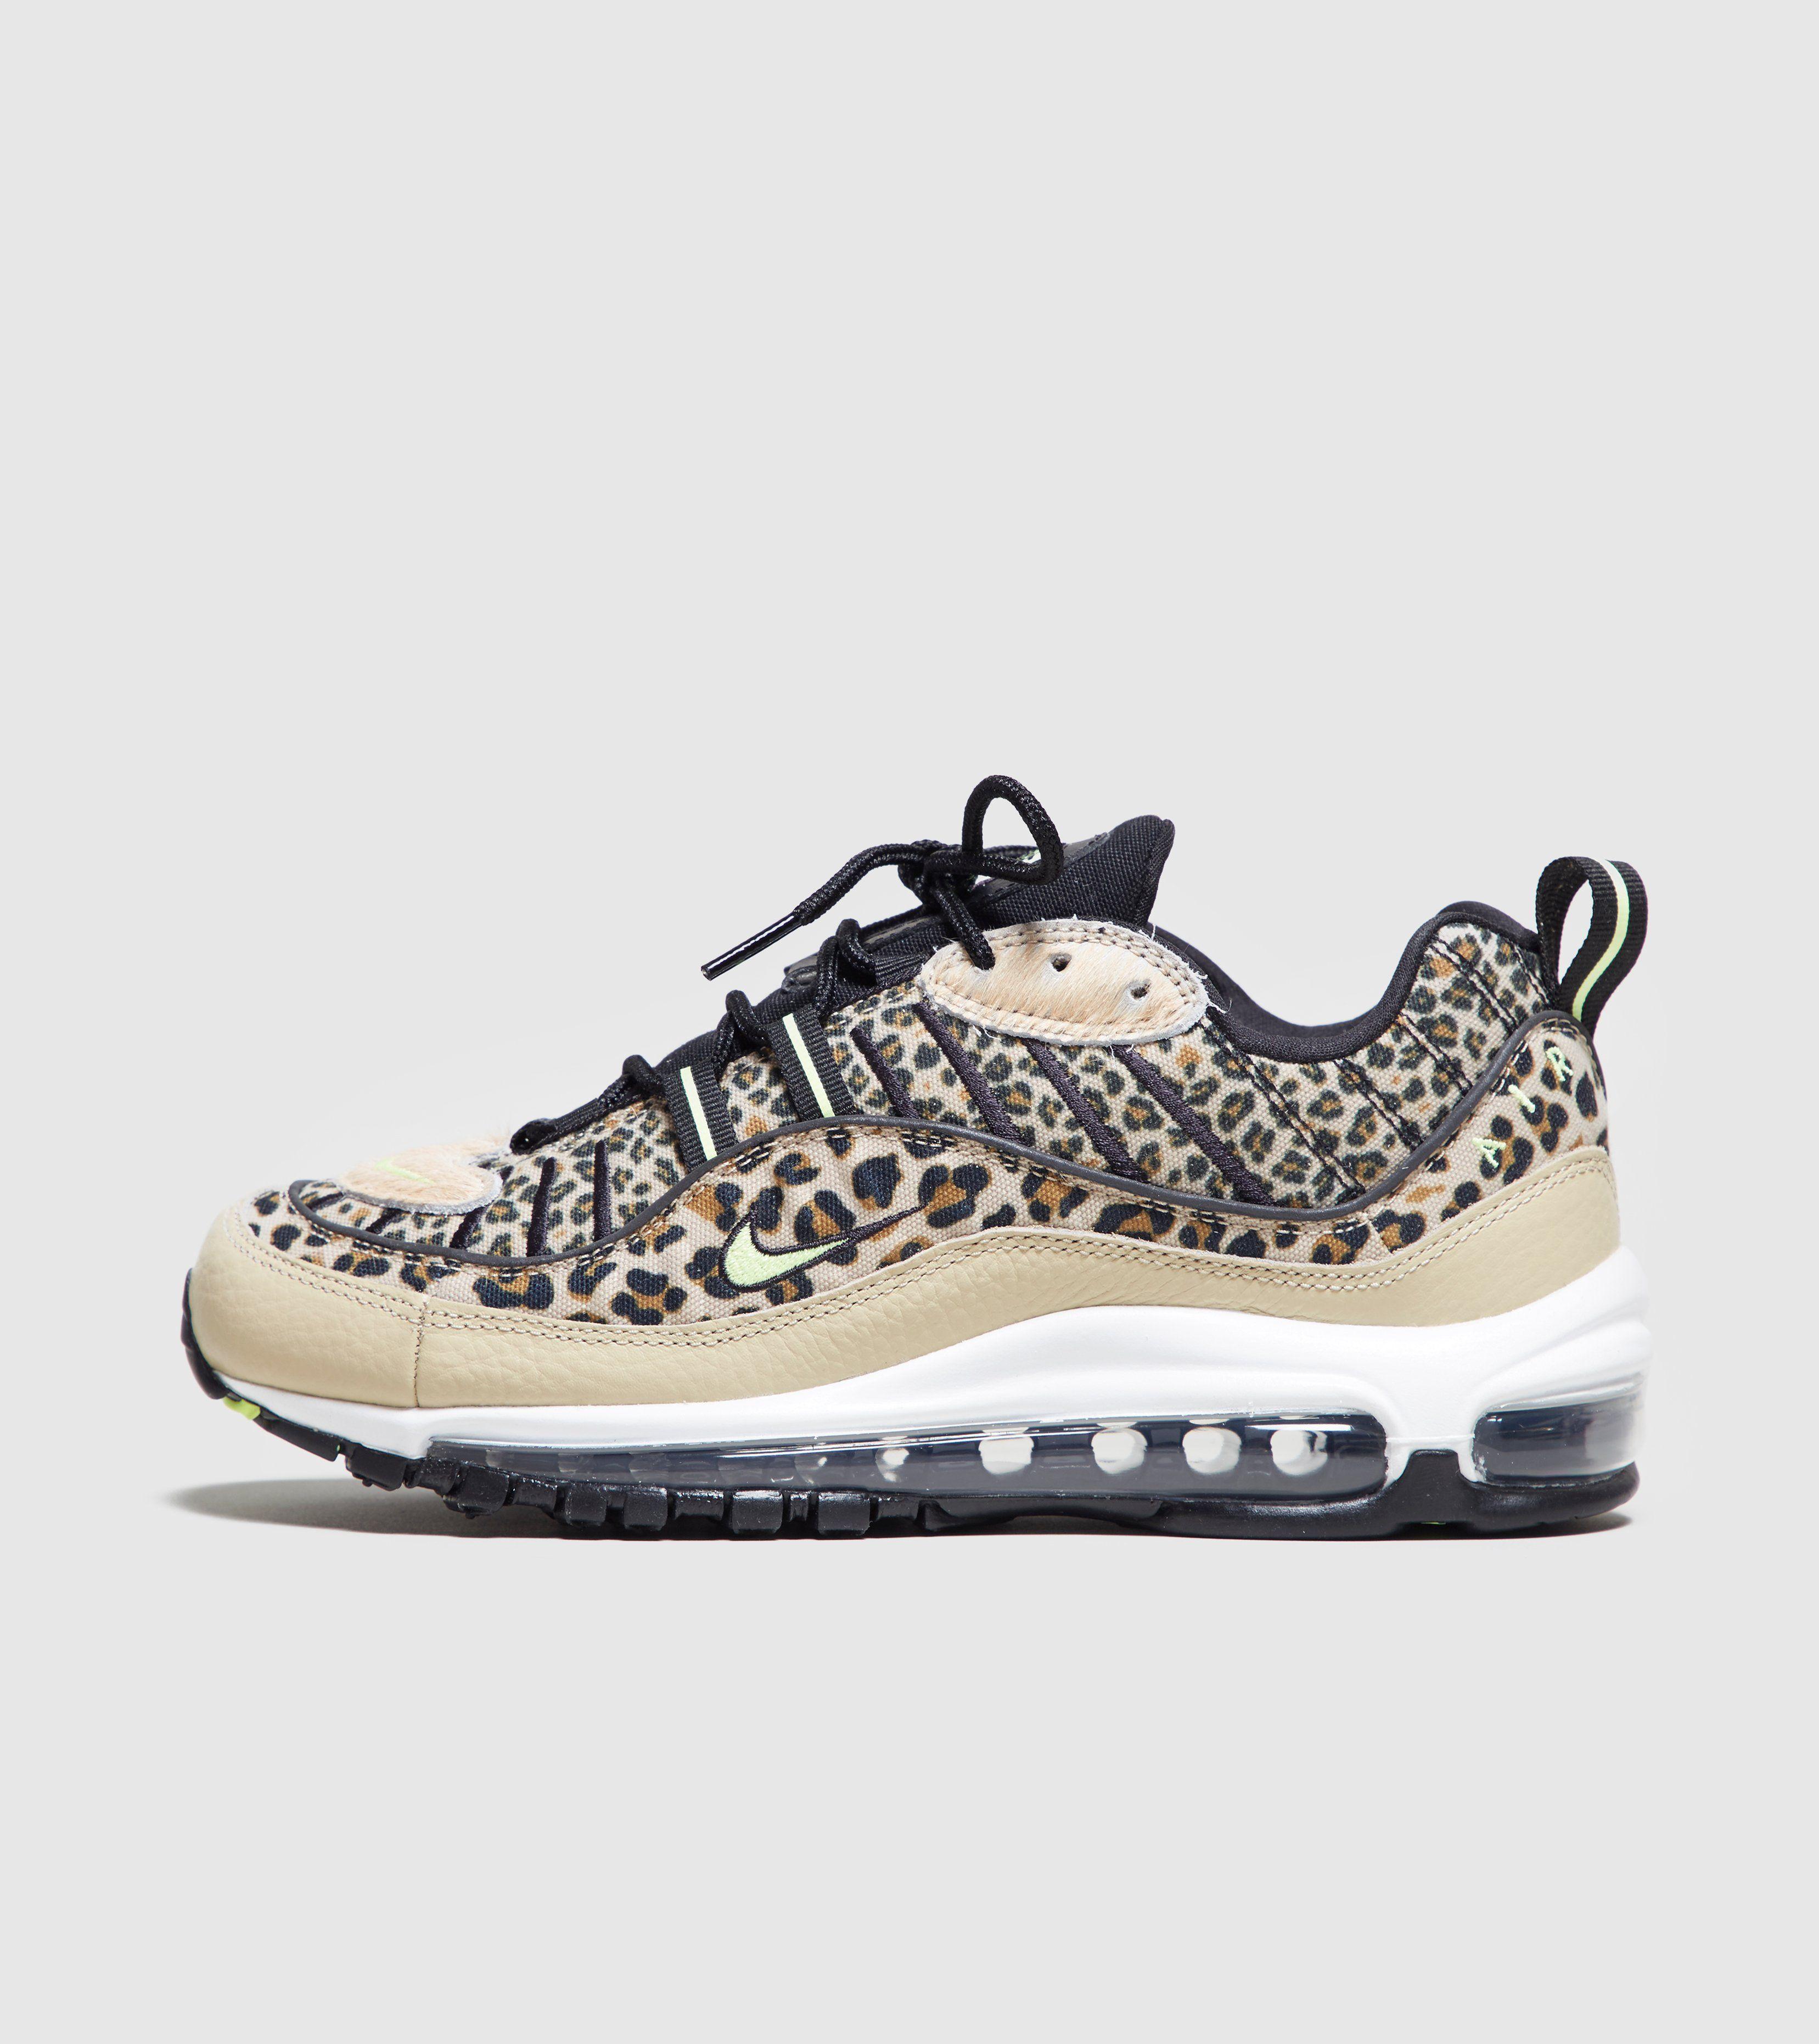 air max leopard nike